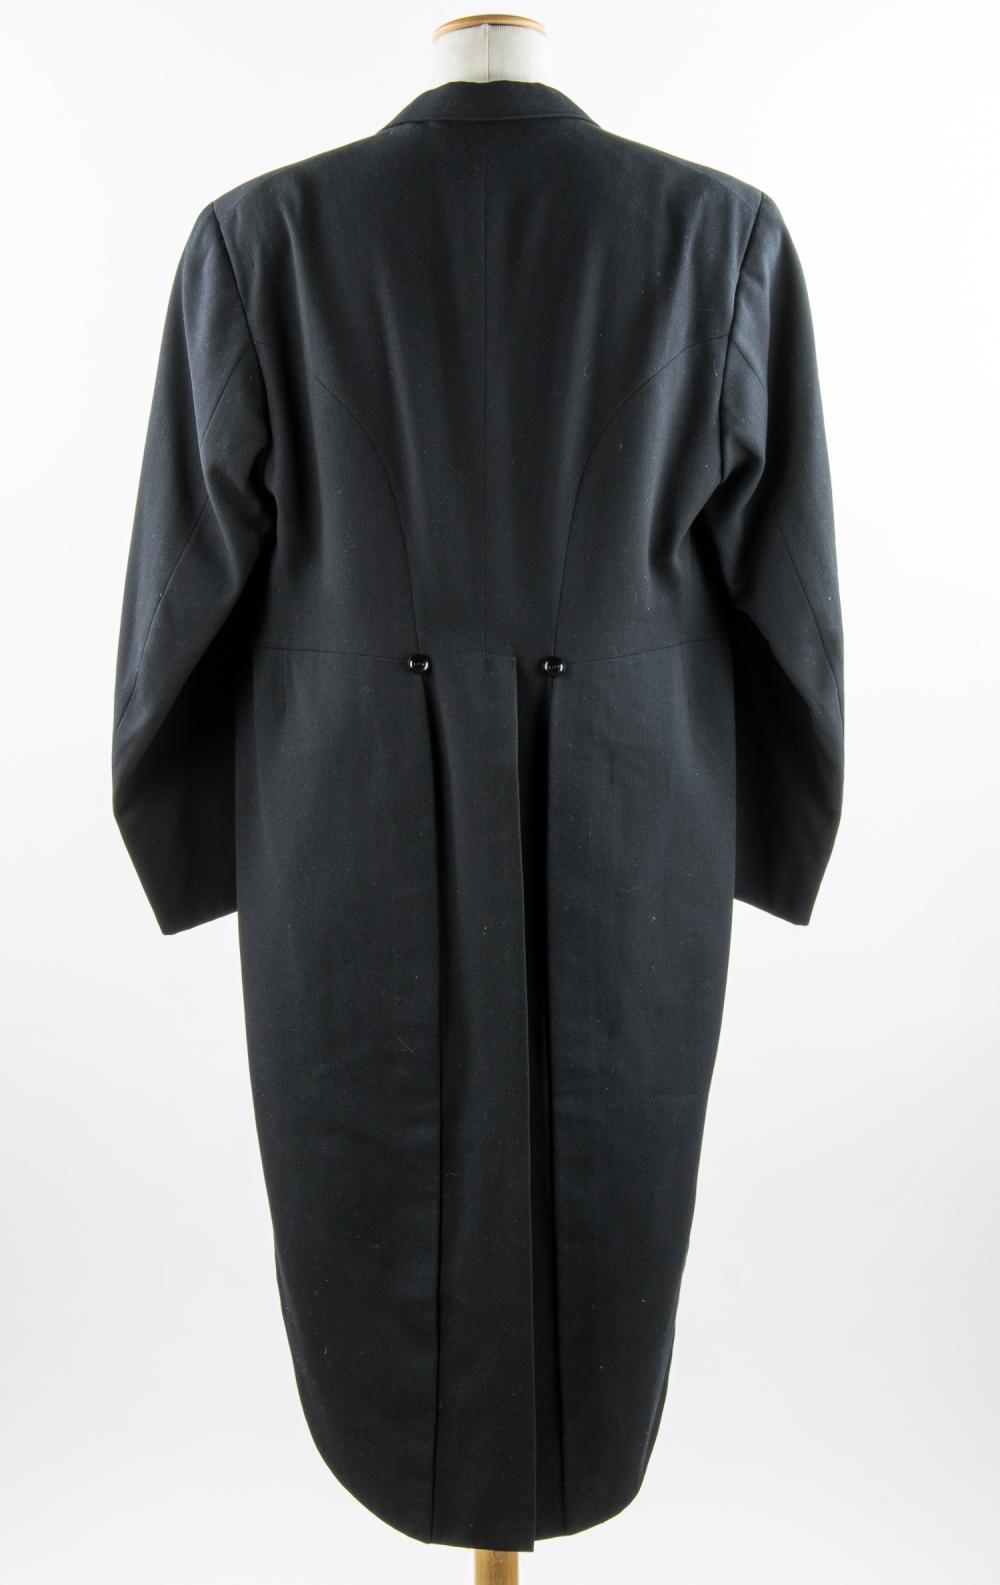 ADOLF HITLER''S BLACK FORMAL FROCK COAT AND TOP HAT